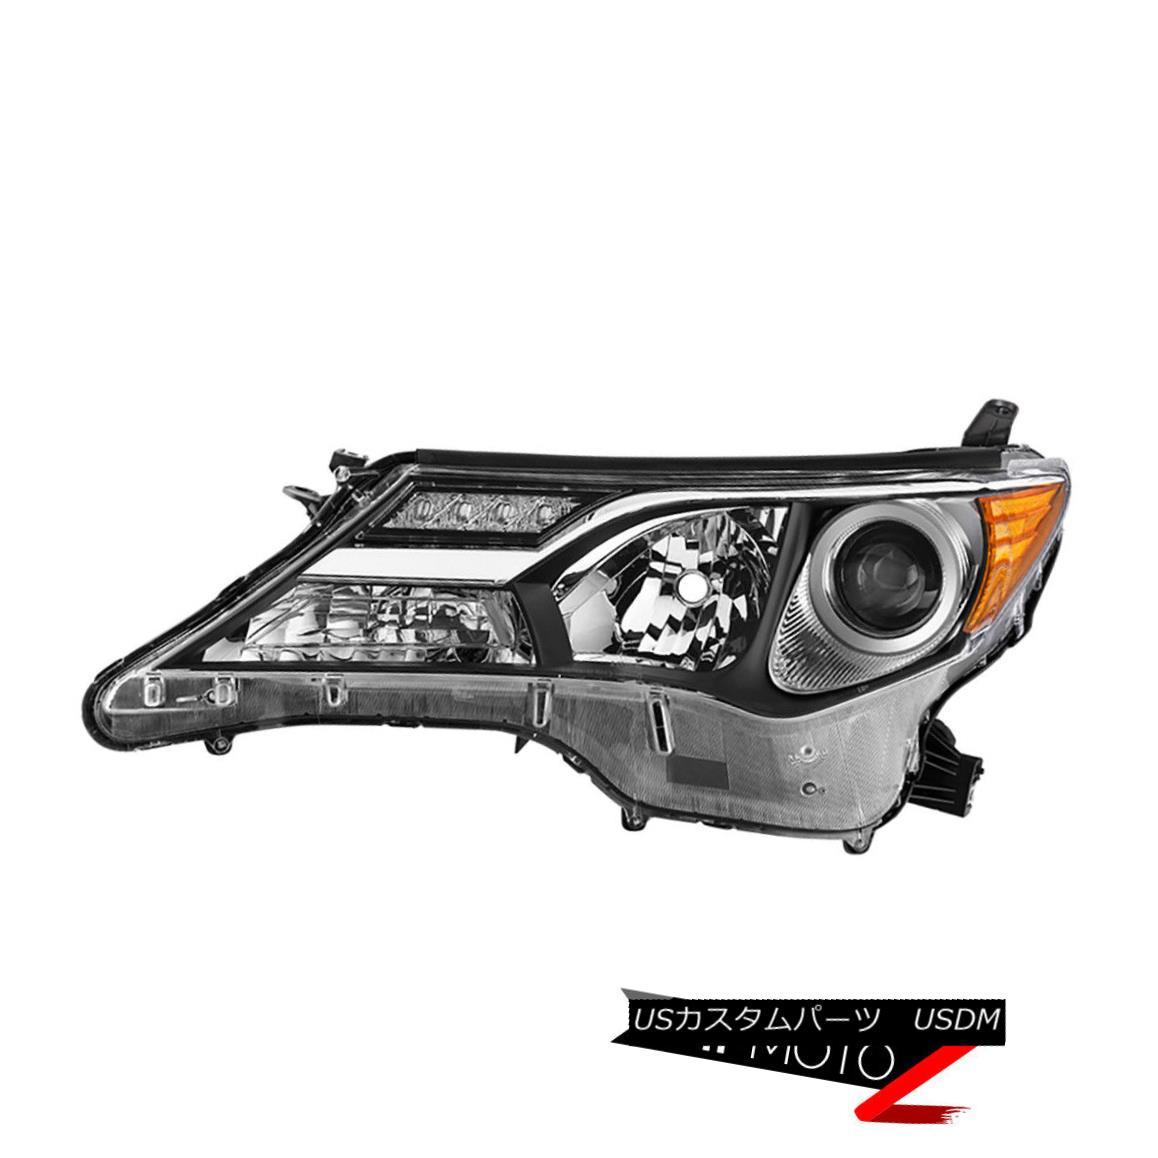 ヘッドライト {Driver Side} 2013-2015 Toyta RAV4 Limited Factory Chrome Head Light Lamp Left {ドライバーサイド} 2013-2015トヨタRAV4限定工場Chromeヘッドライトランプ左